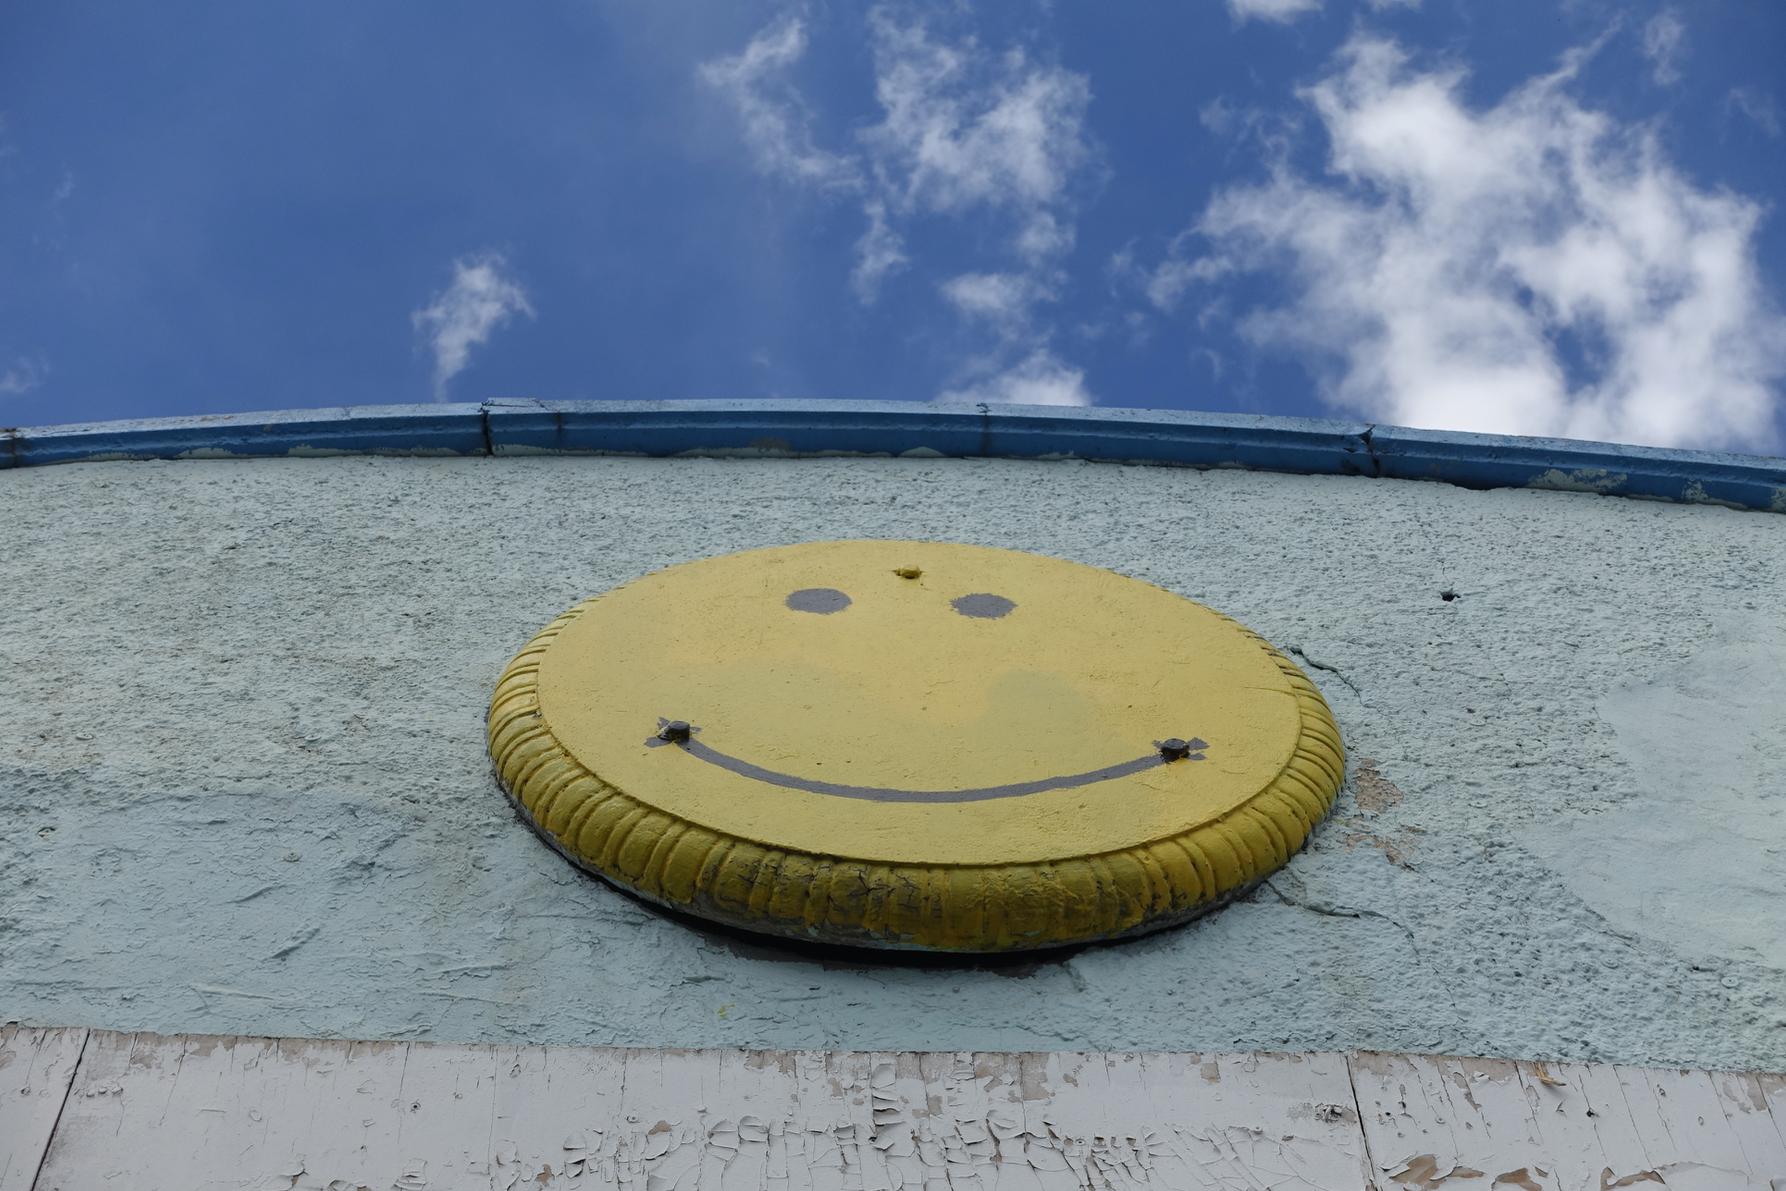 uplifting. smiling.